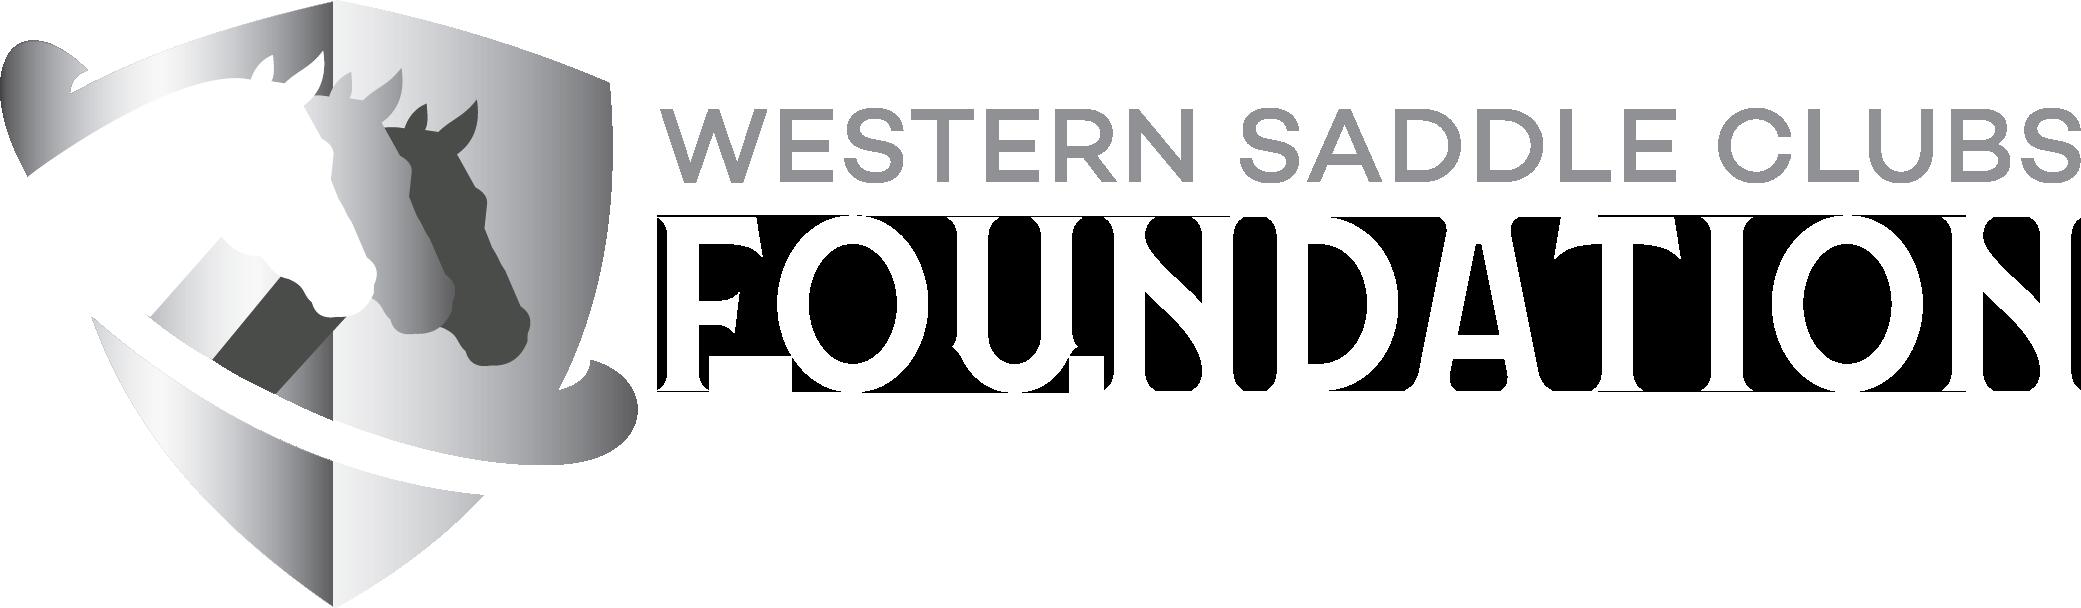 WSCF logo_FINAL-03